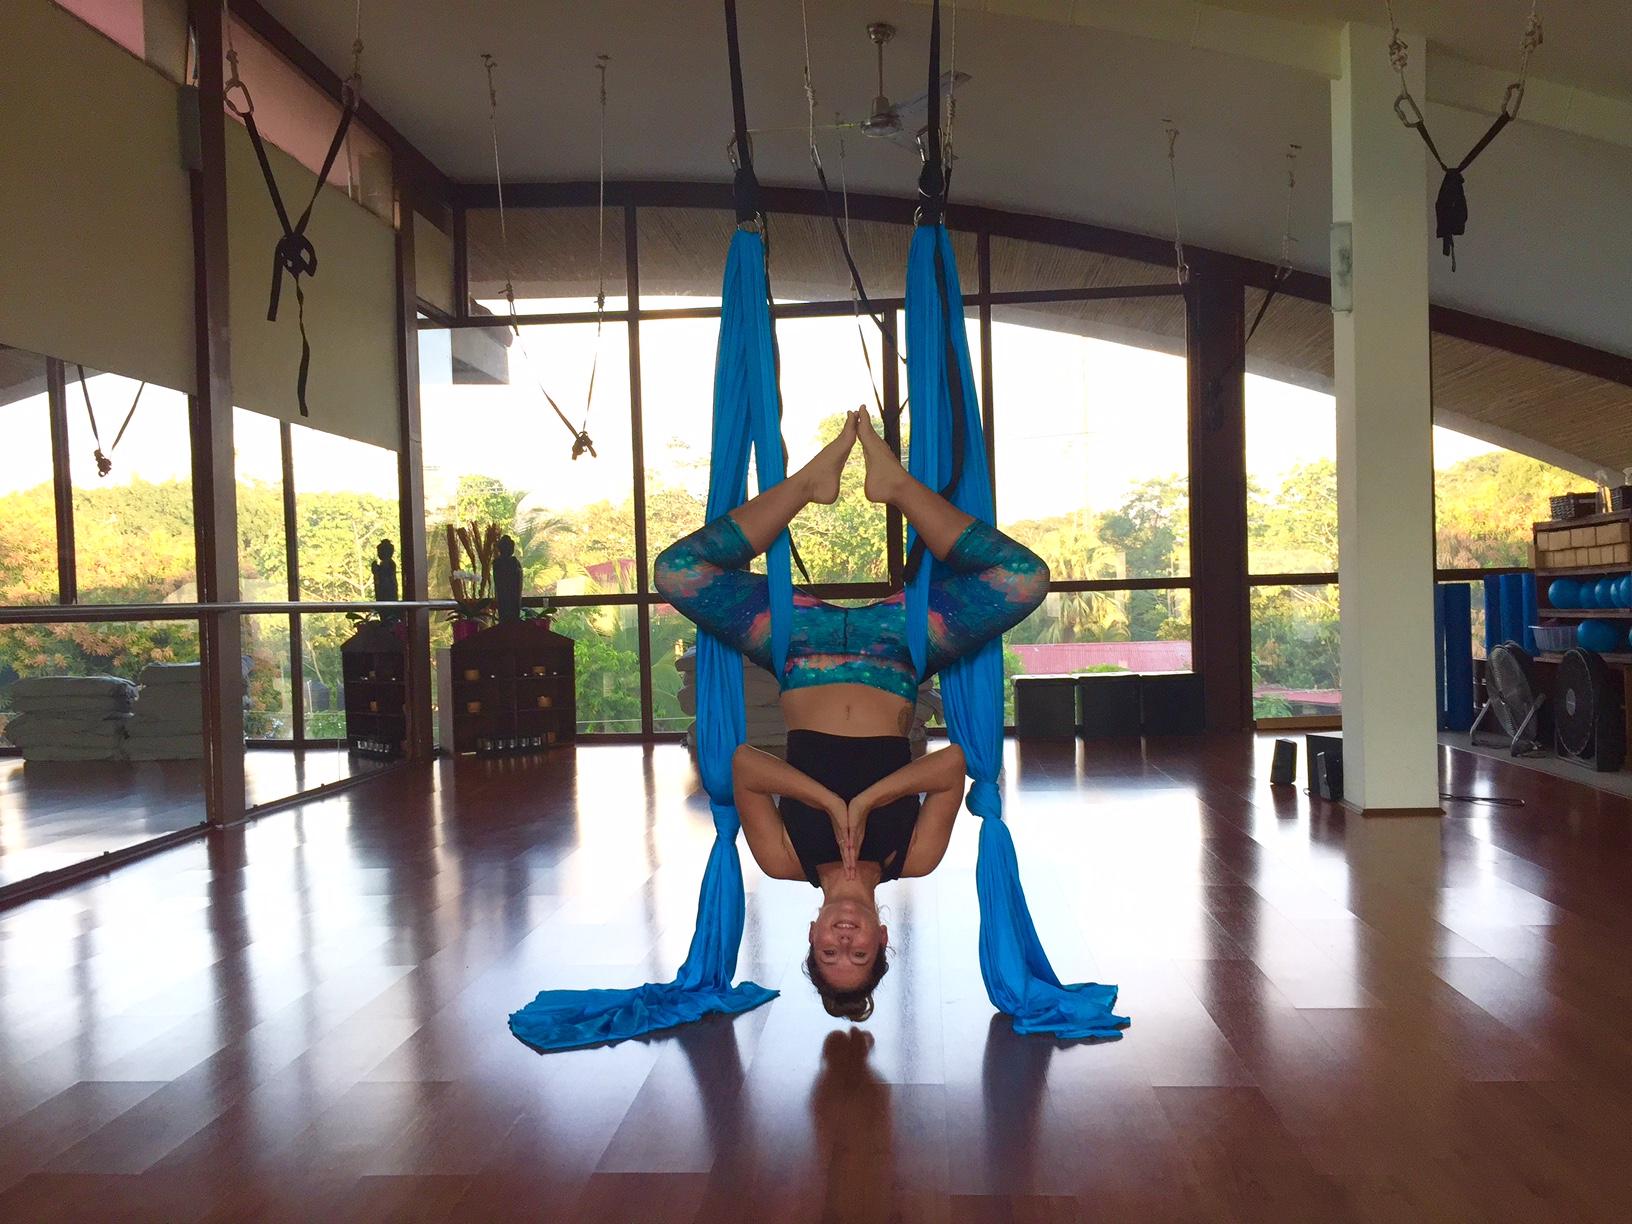 Aerial Yoga Teacher Training Holis Wellness Center Manuel Antonio Costa Rica